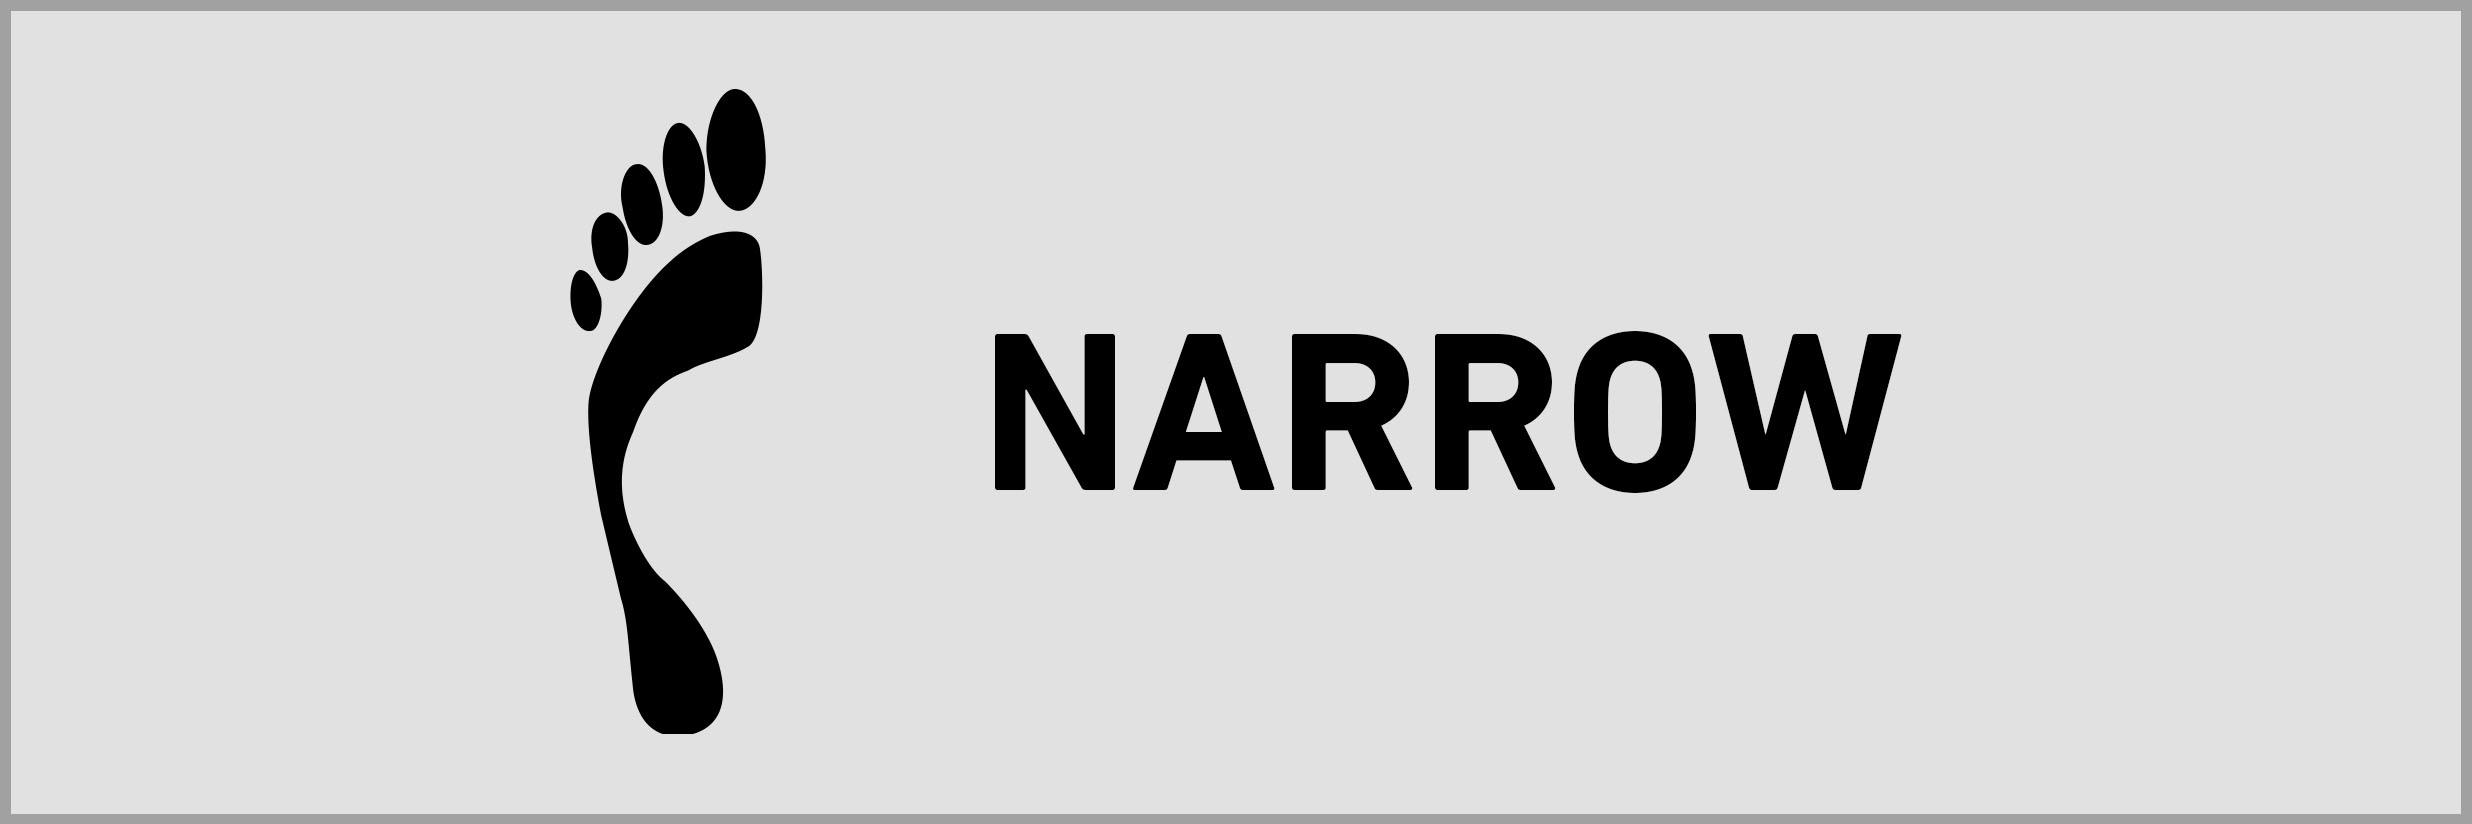 narrow width icon